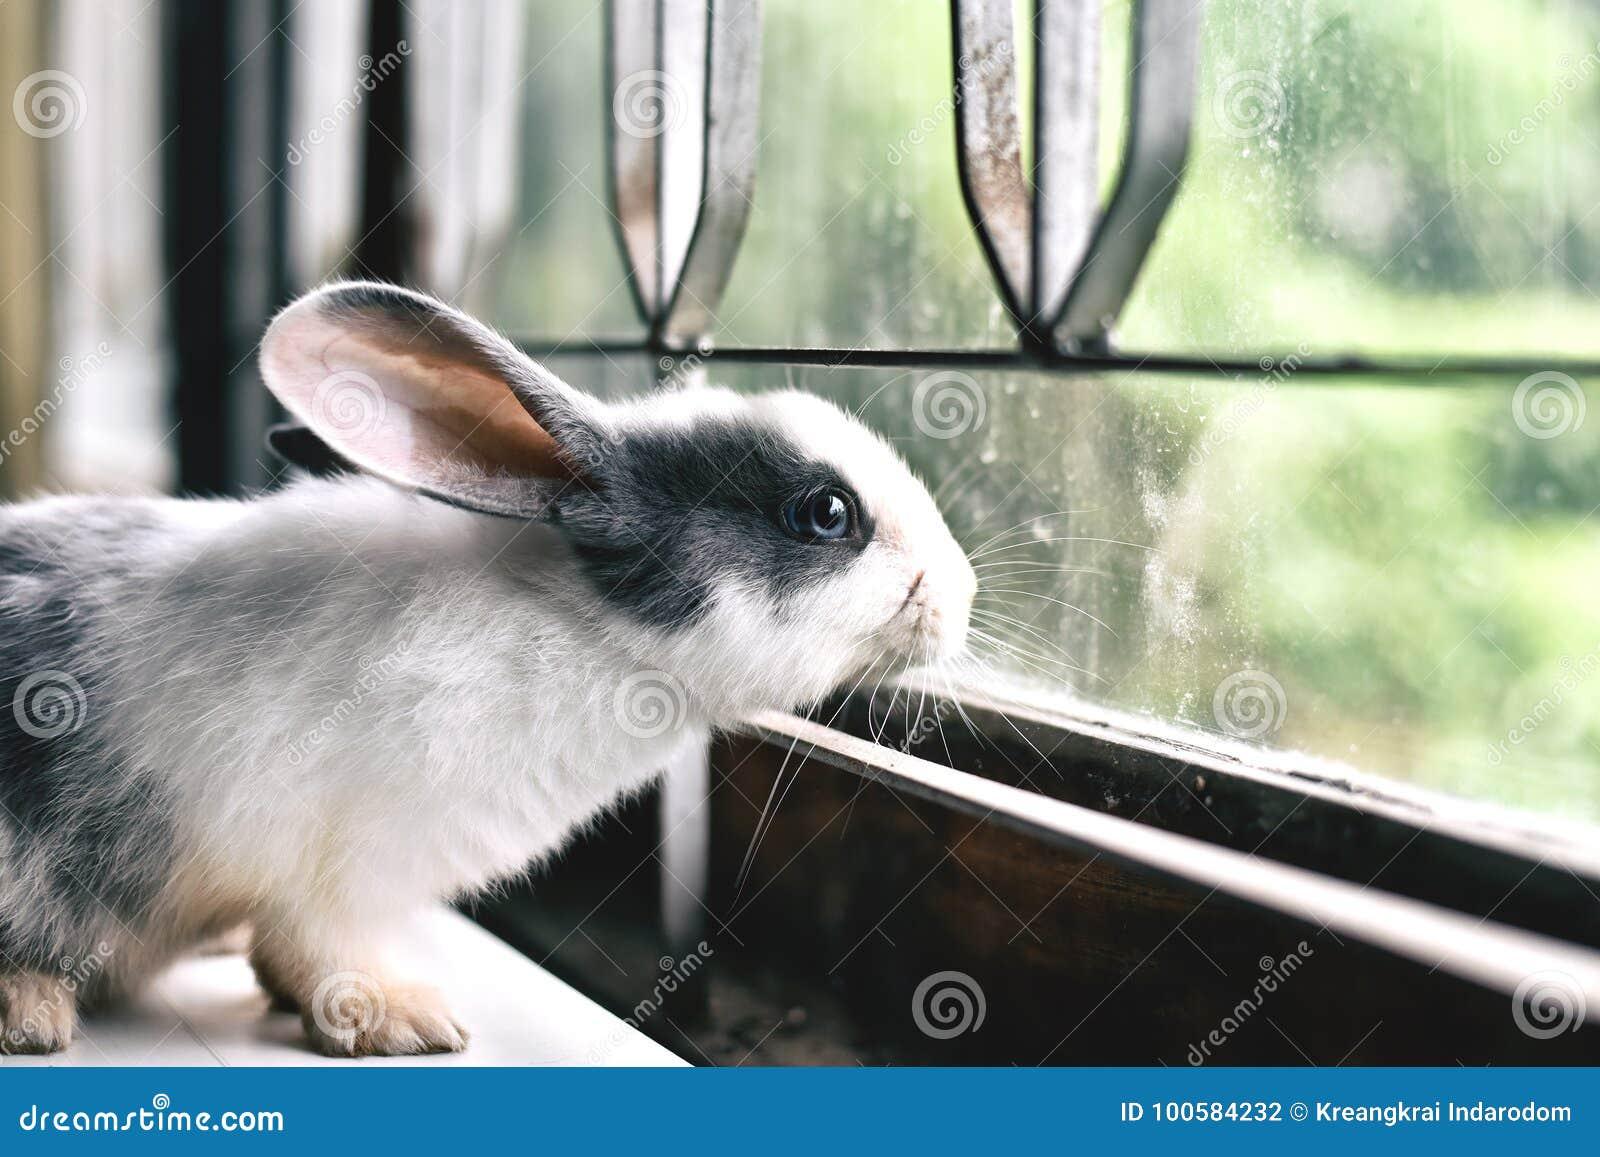 Conejo blanco que mira a través de la ventana, pequeño conejito curioso que tiene cuidado la ventana en día soleado